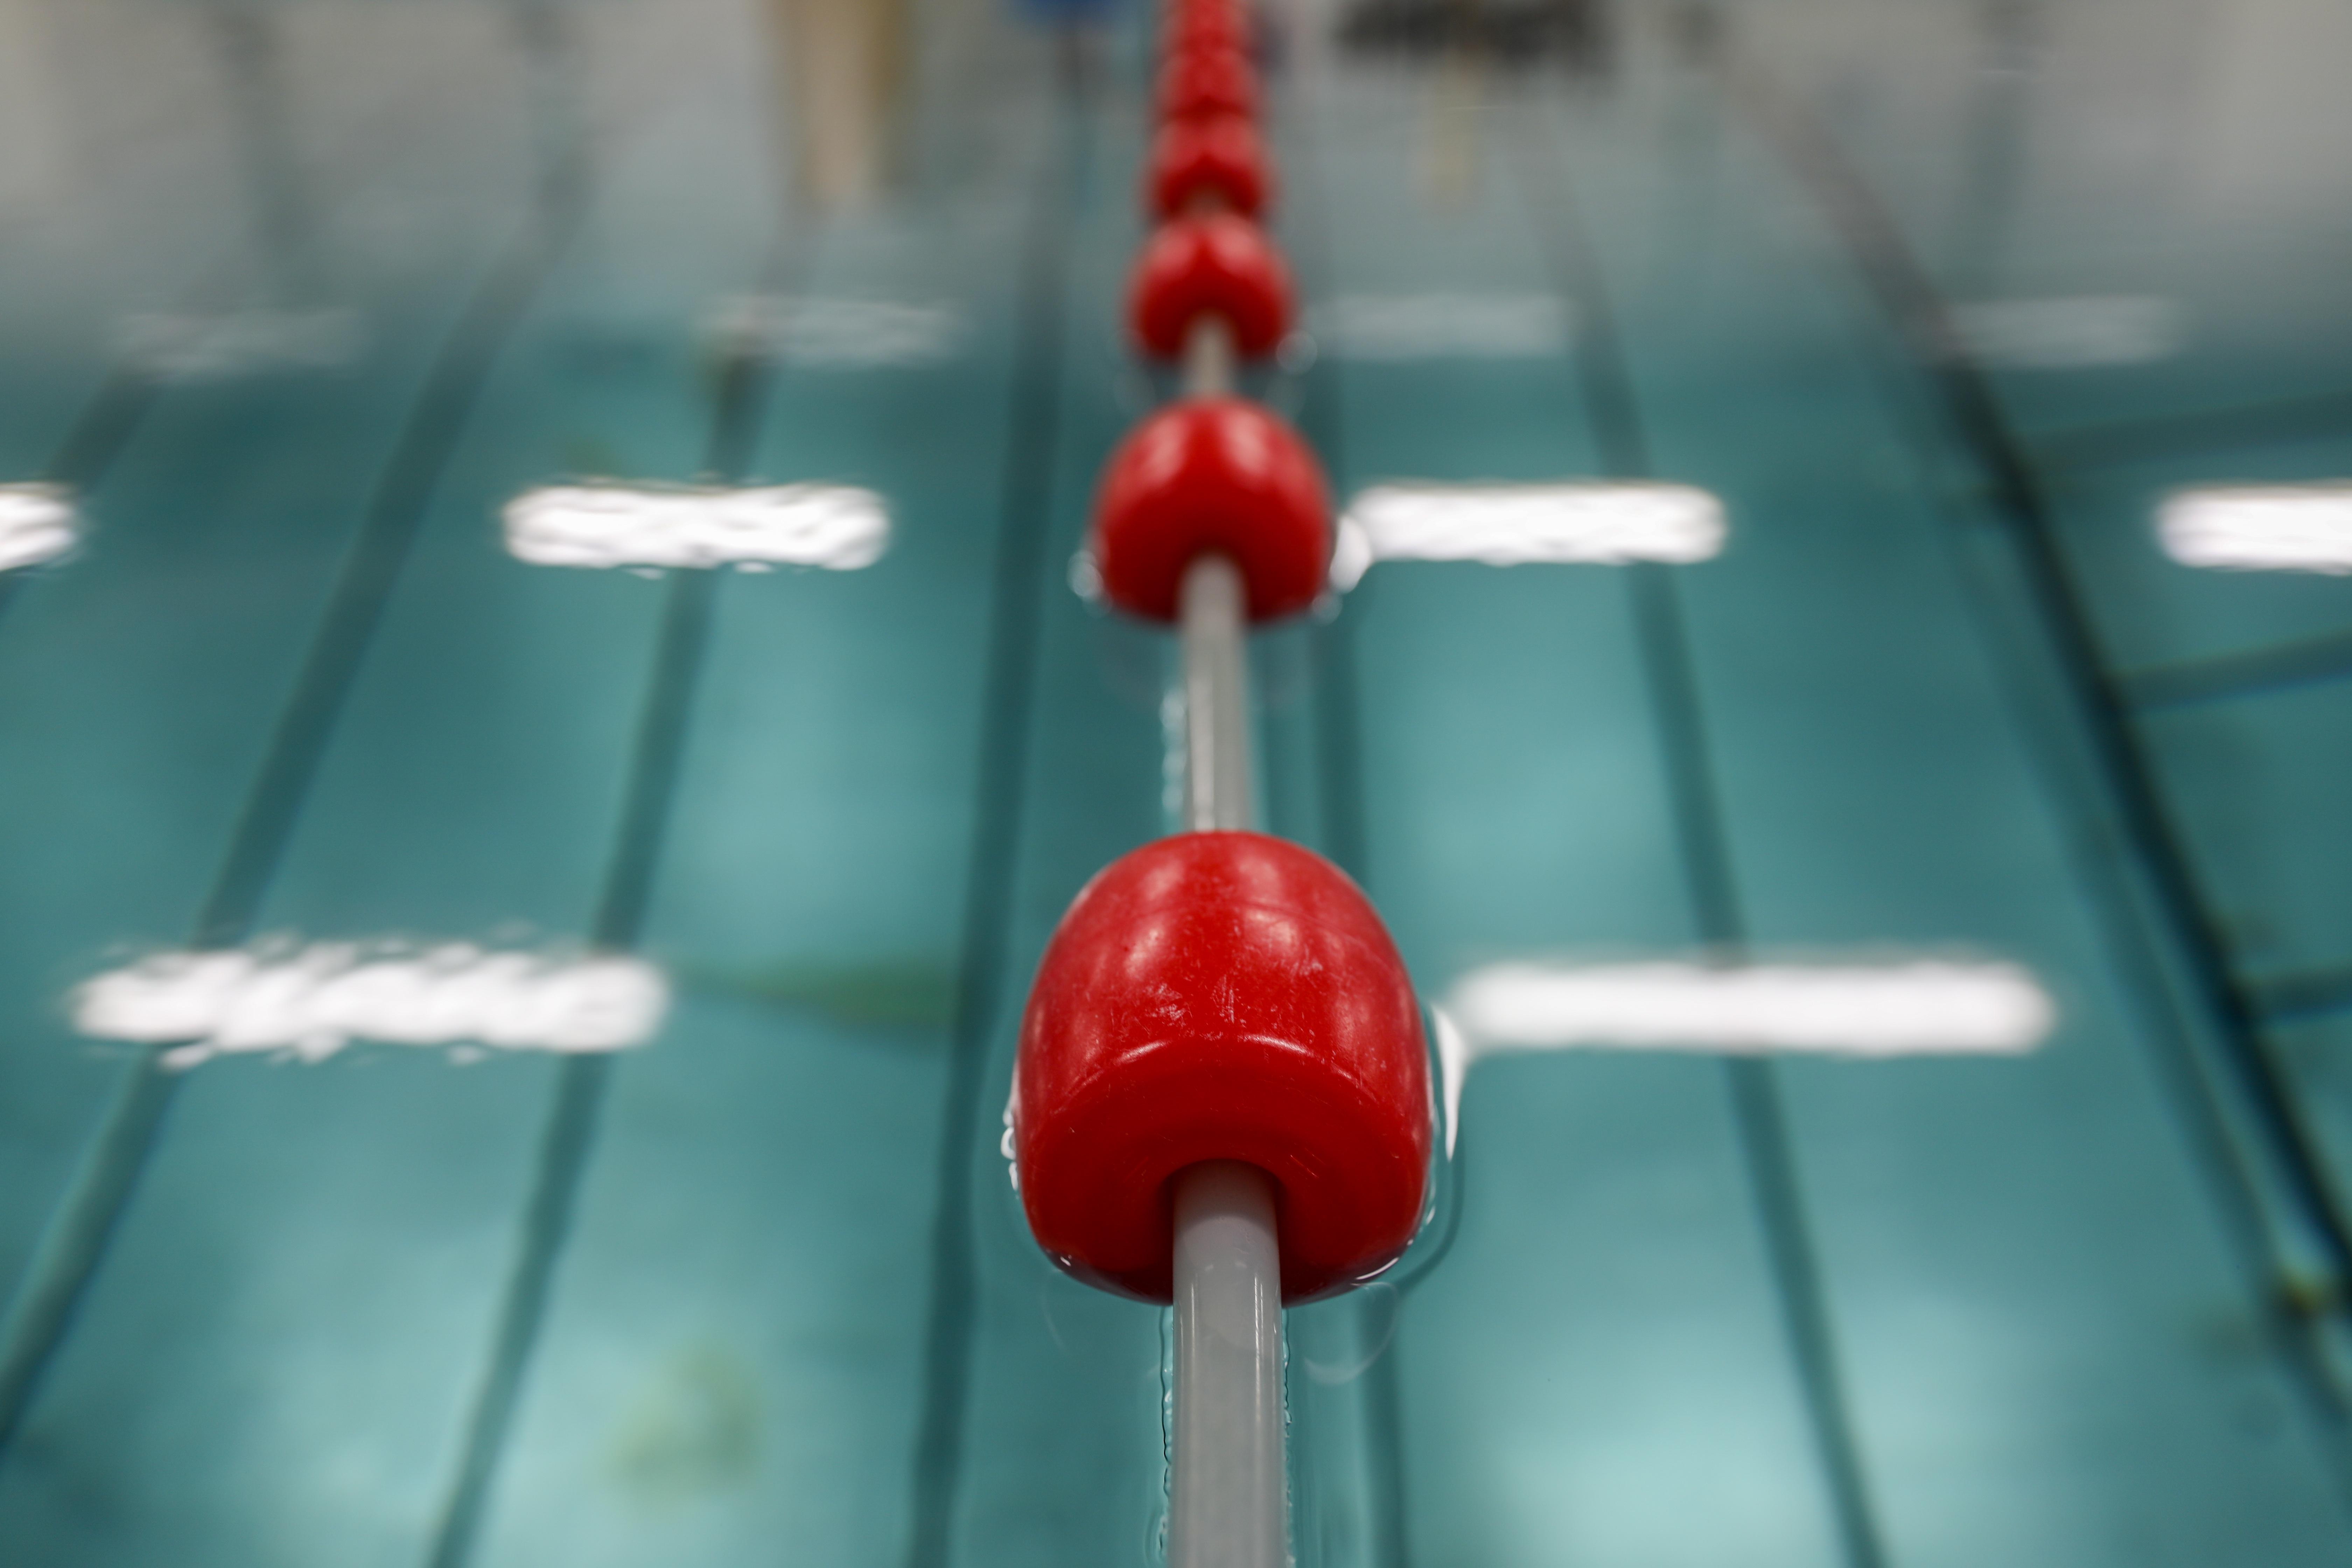 Zwemlesssen in warm water en met zeer ervaren leerkrachten.